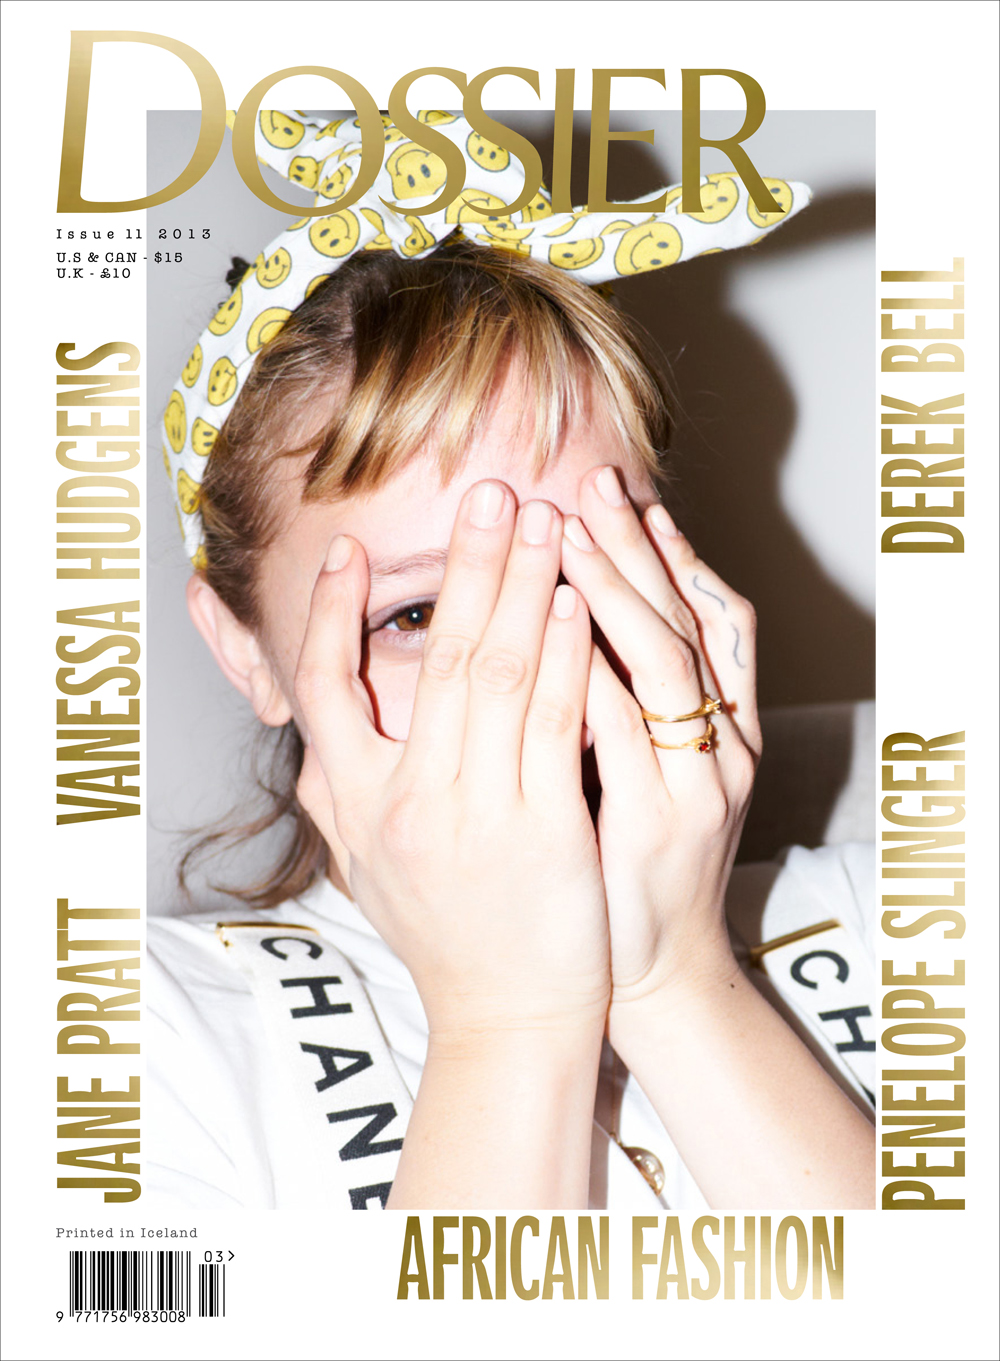 dossier journal cover